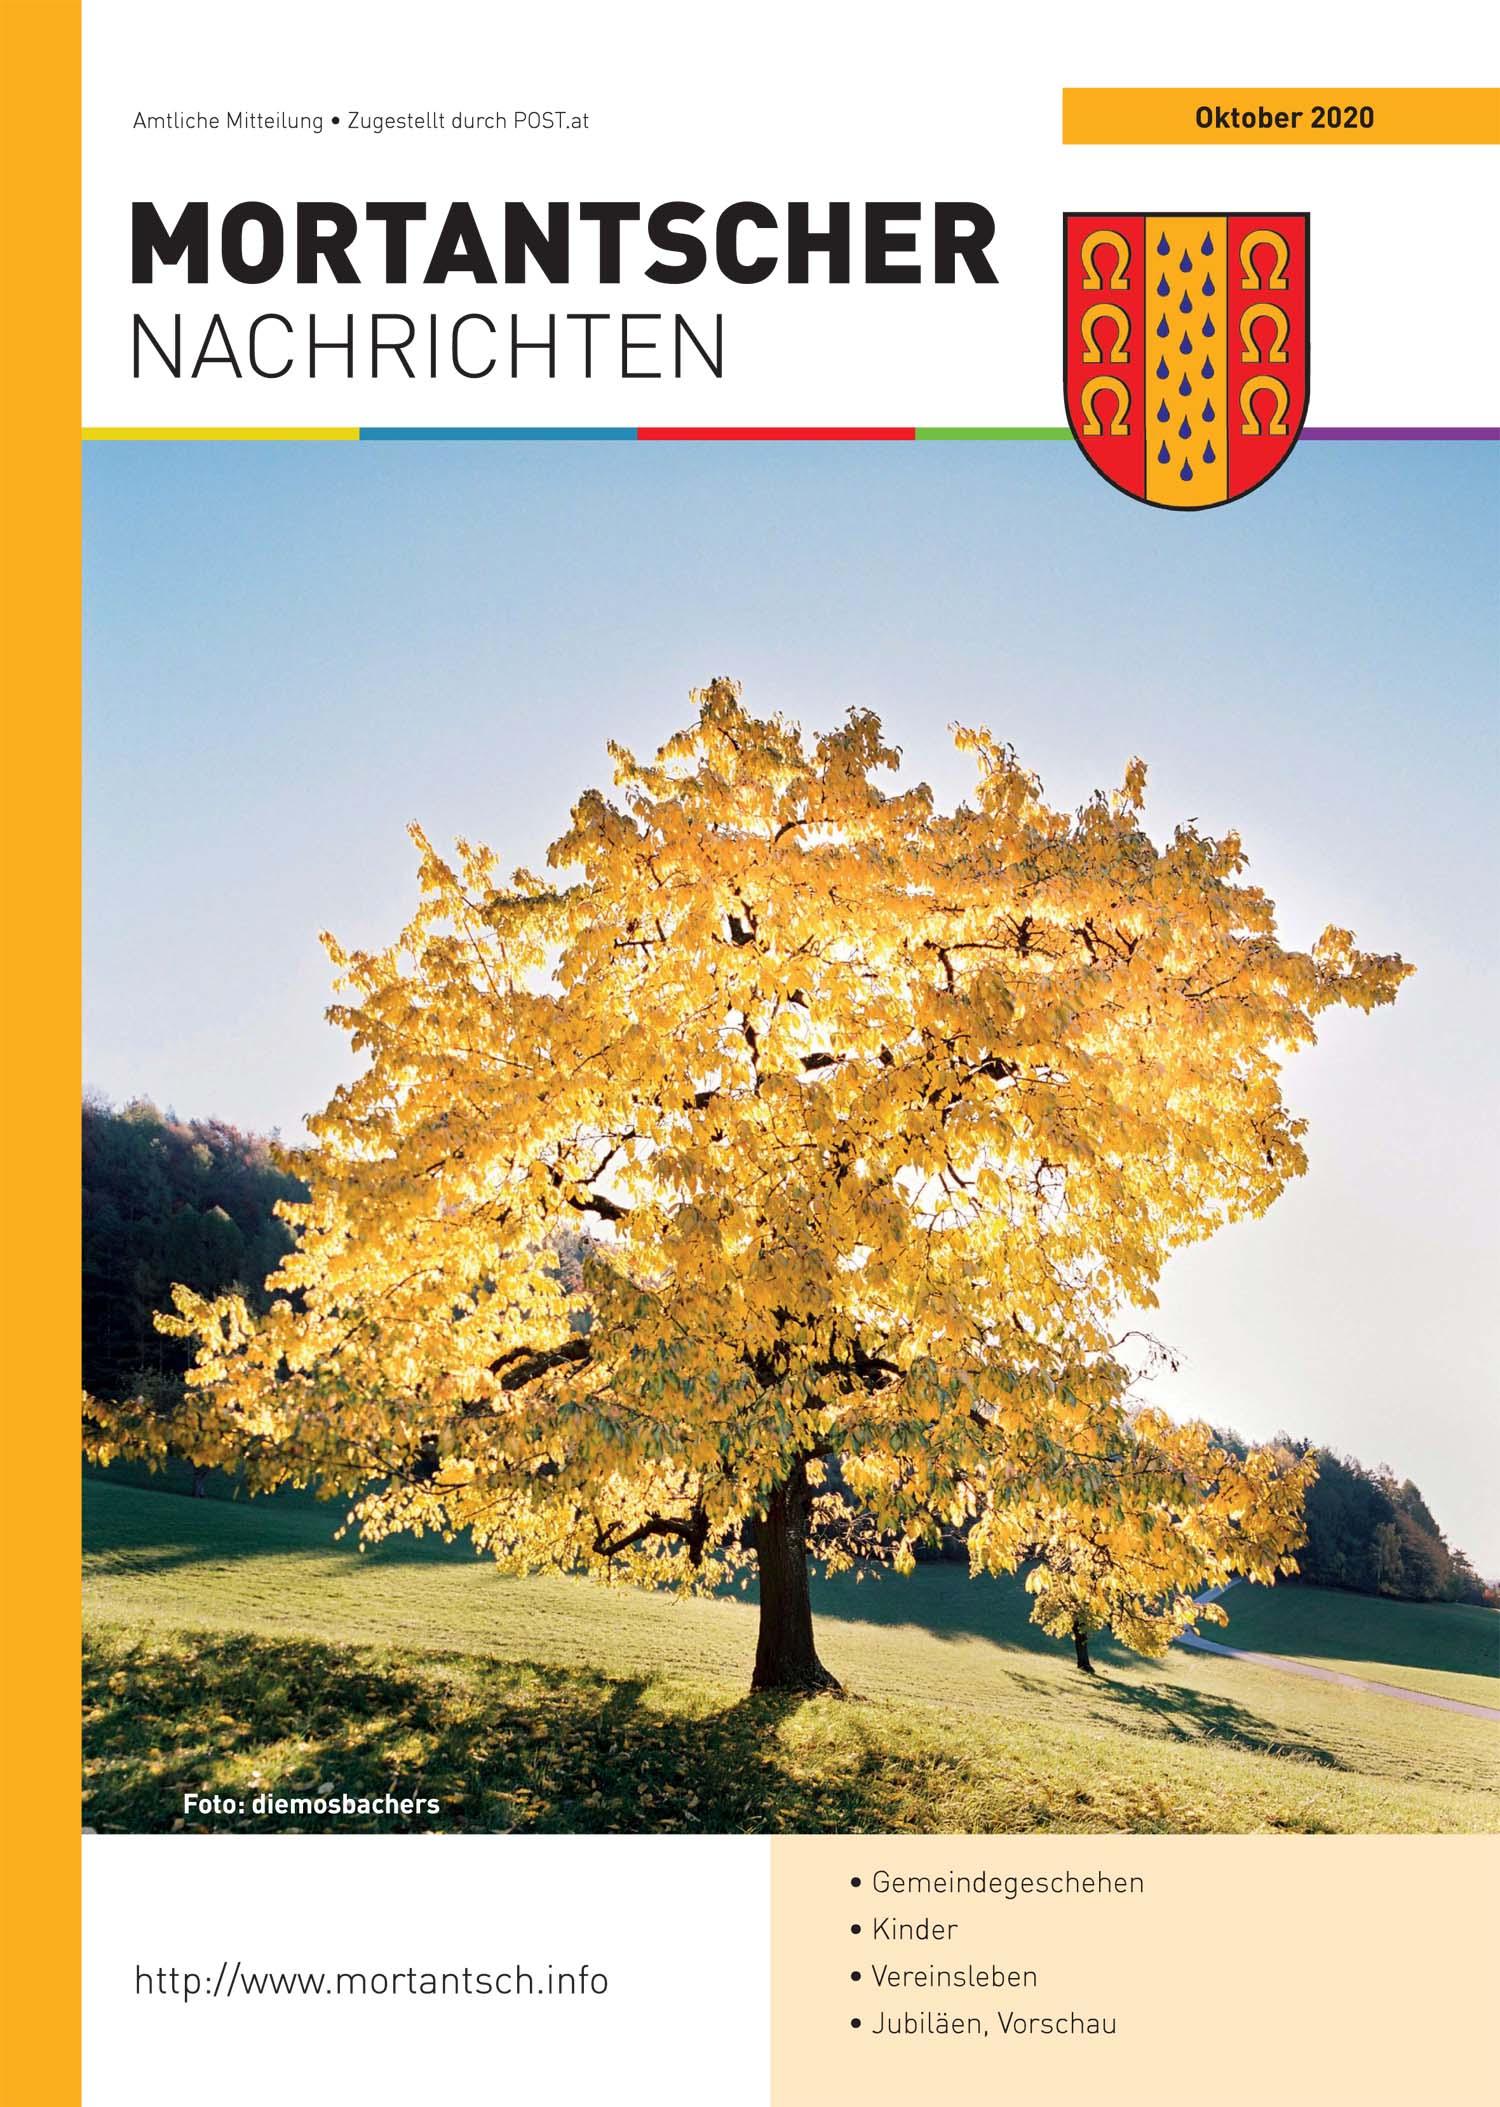 """Featured image for """"Mortantscher Nachrichten Oktober 2020"""""""